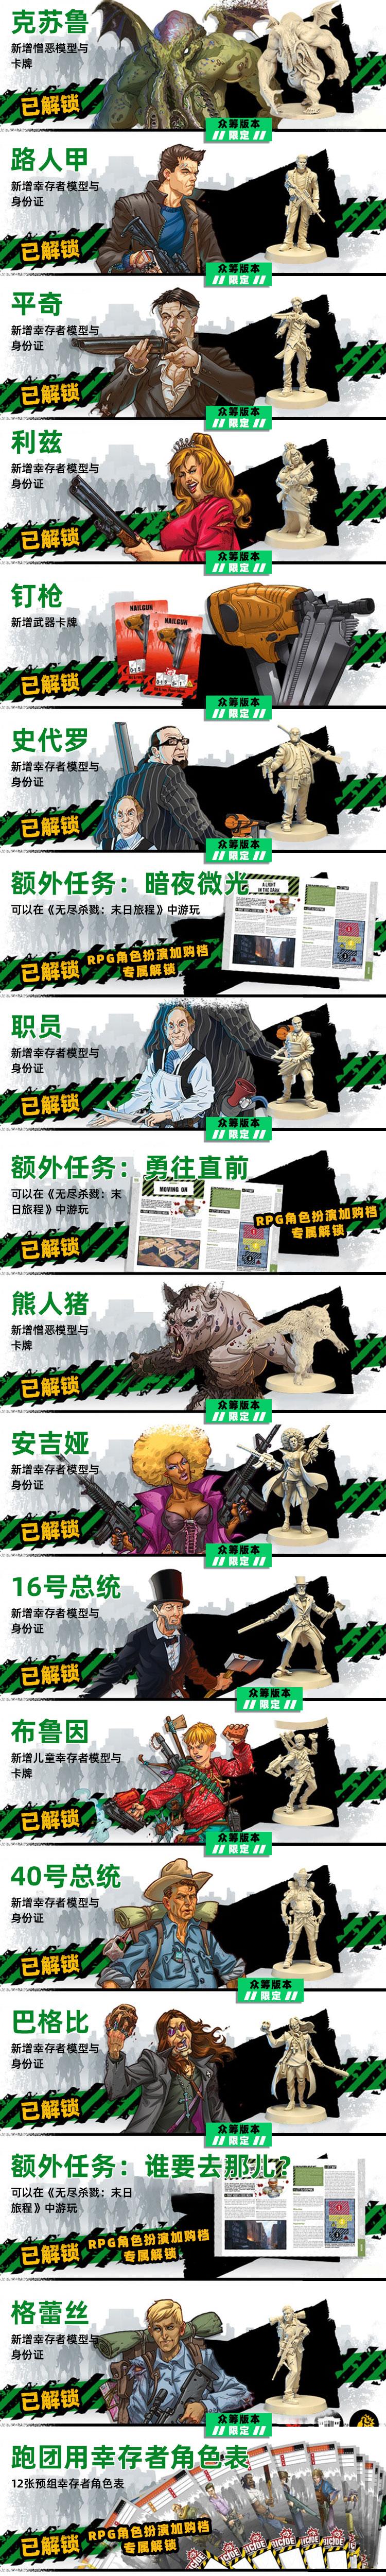 新无尽杀戮预售页面-第三段_01.jpg